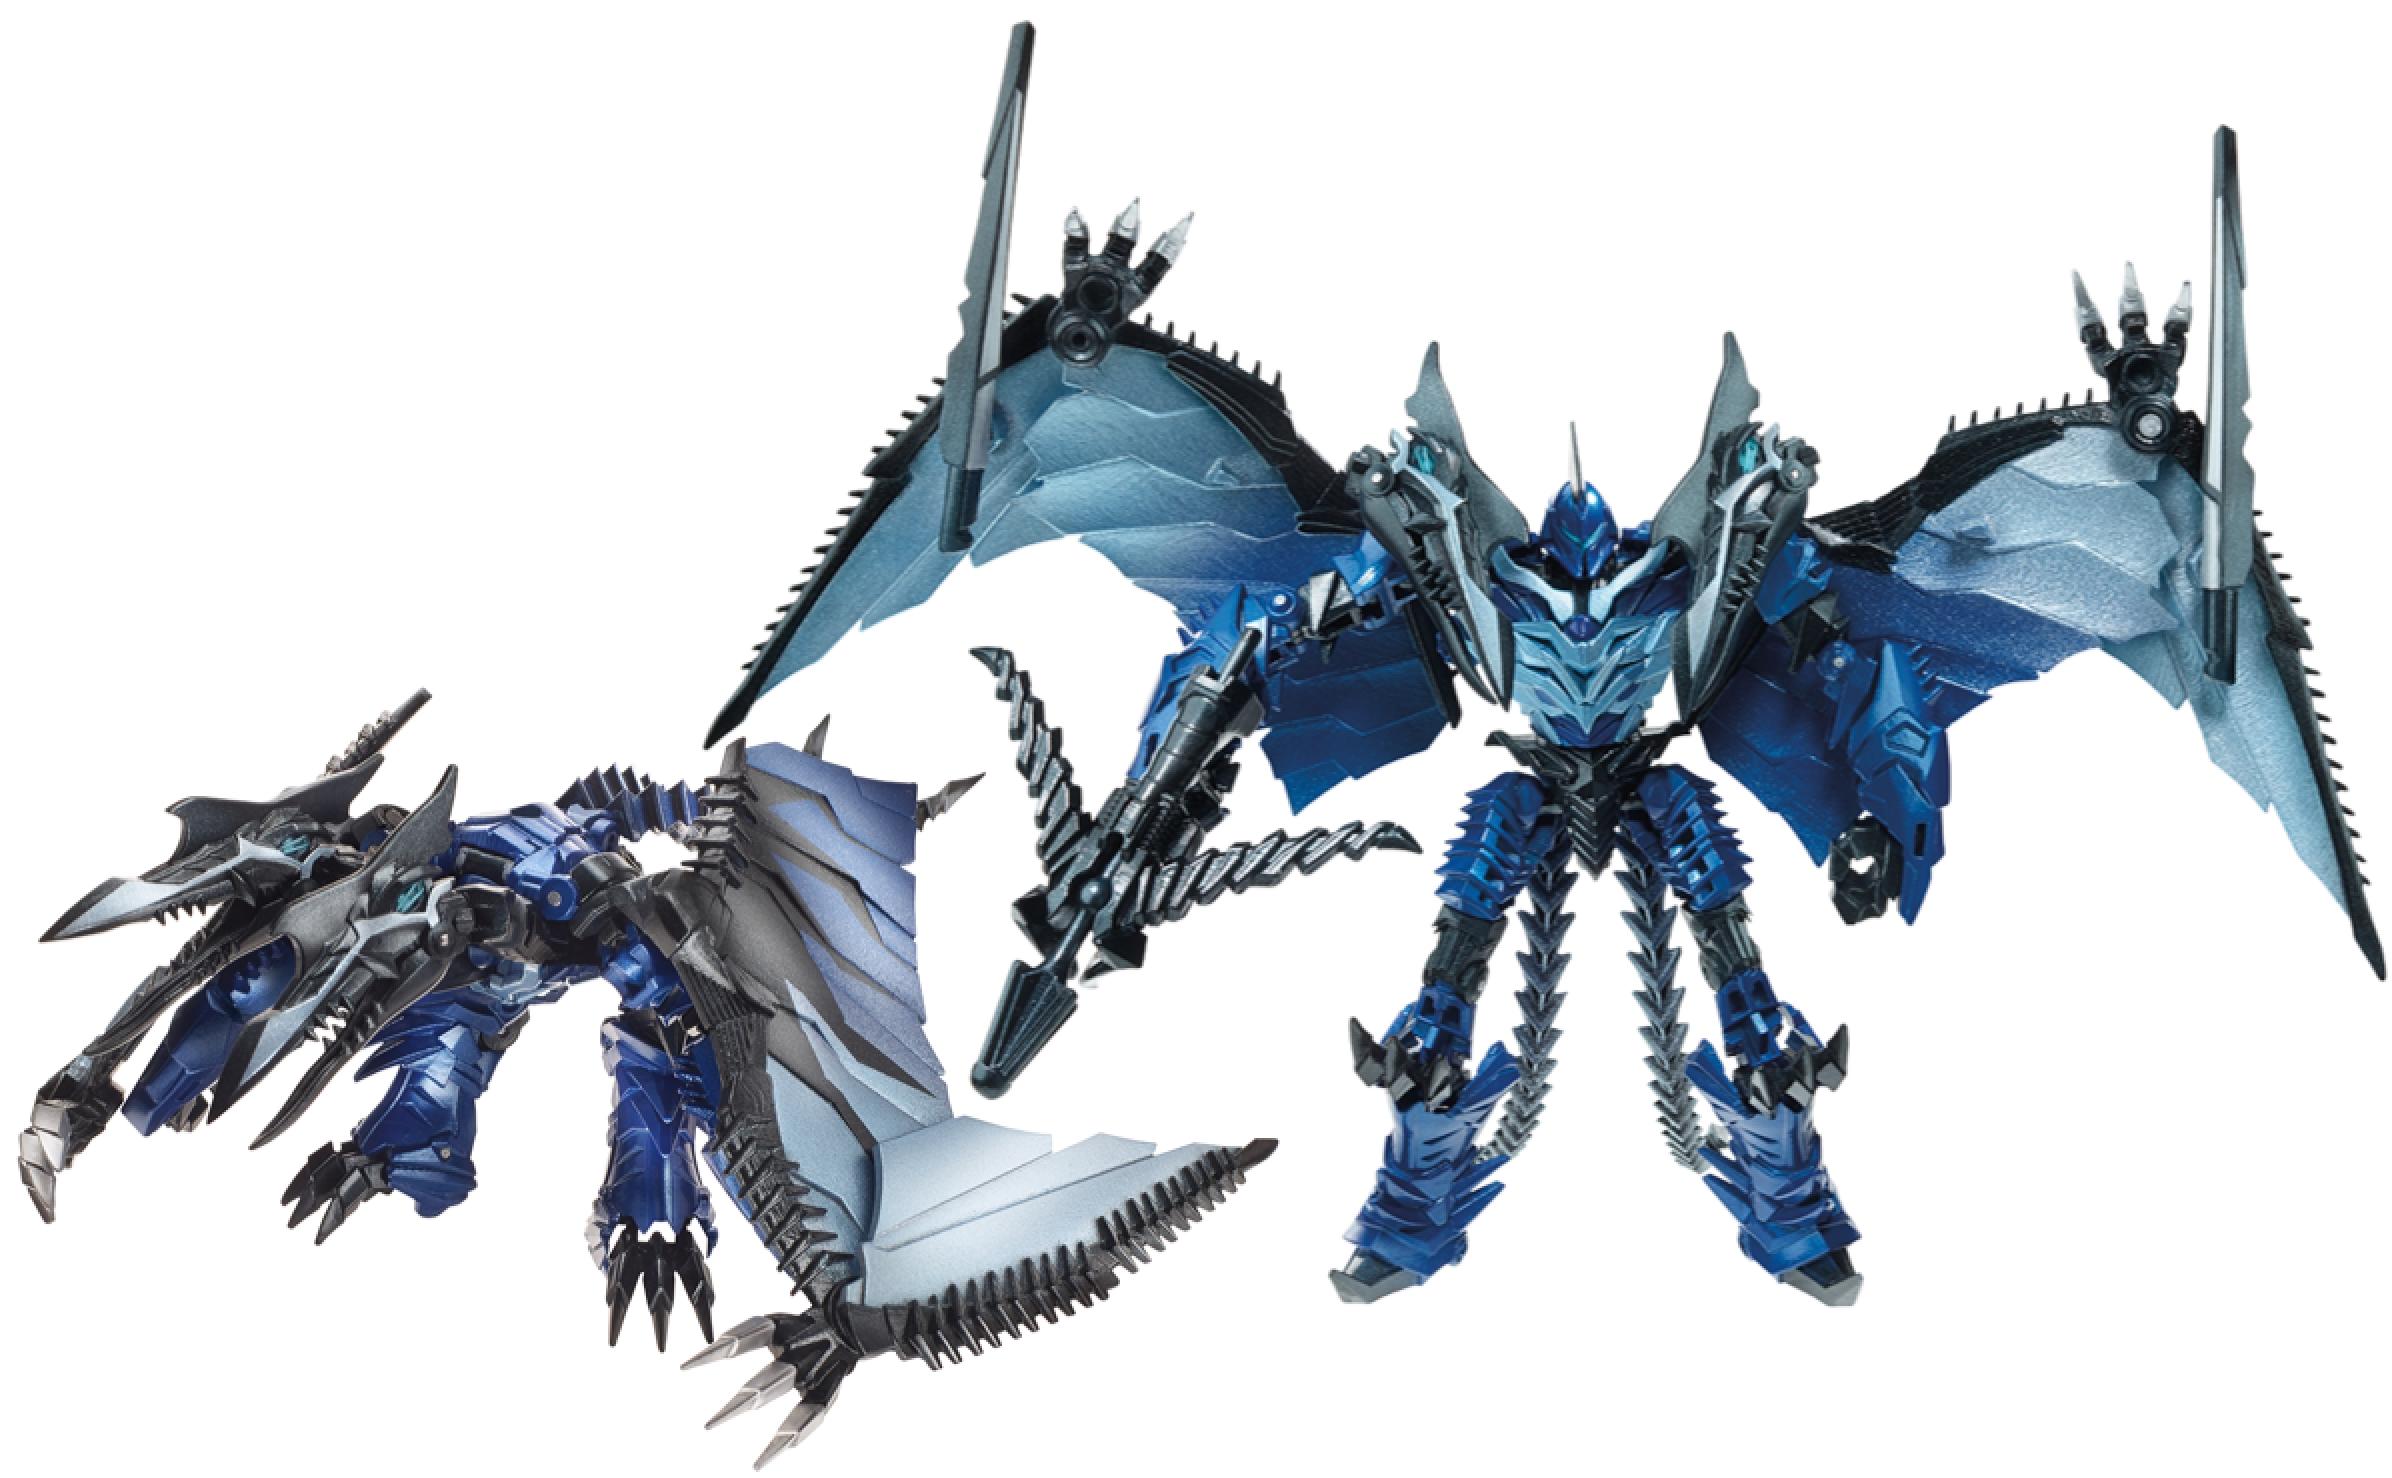 swoop dinobot transformers